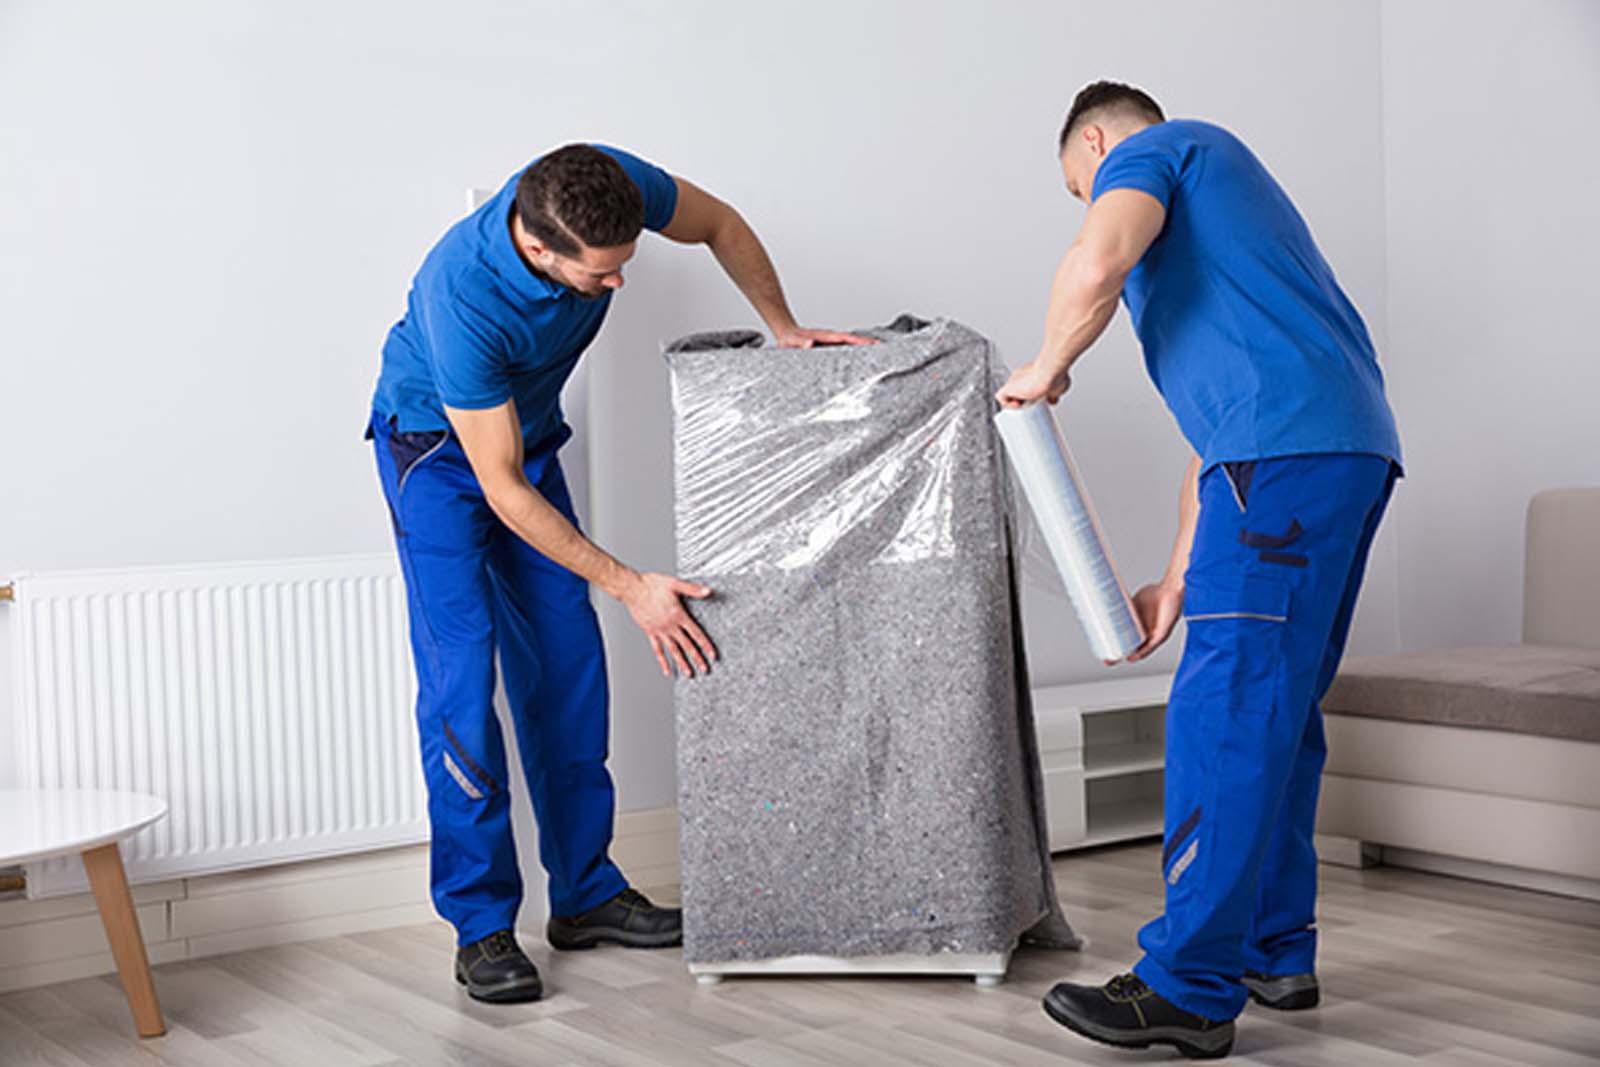 Mudanzas y embalaje de muebles y electrodomésticos